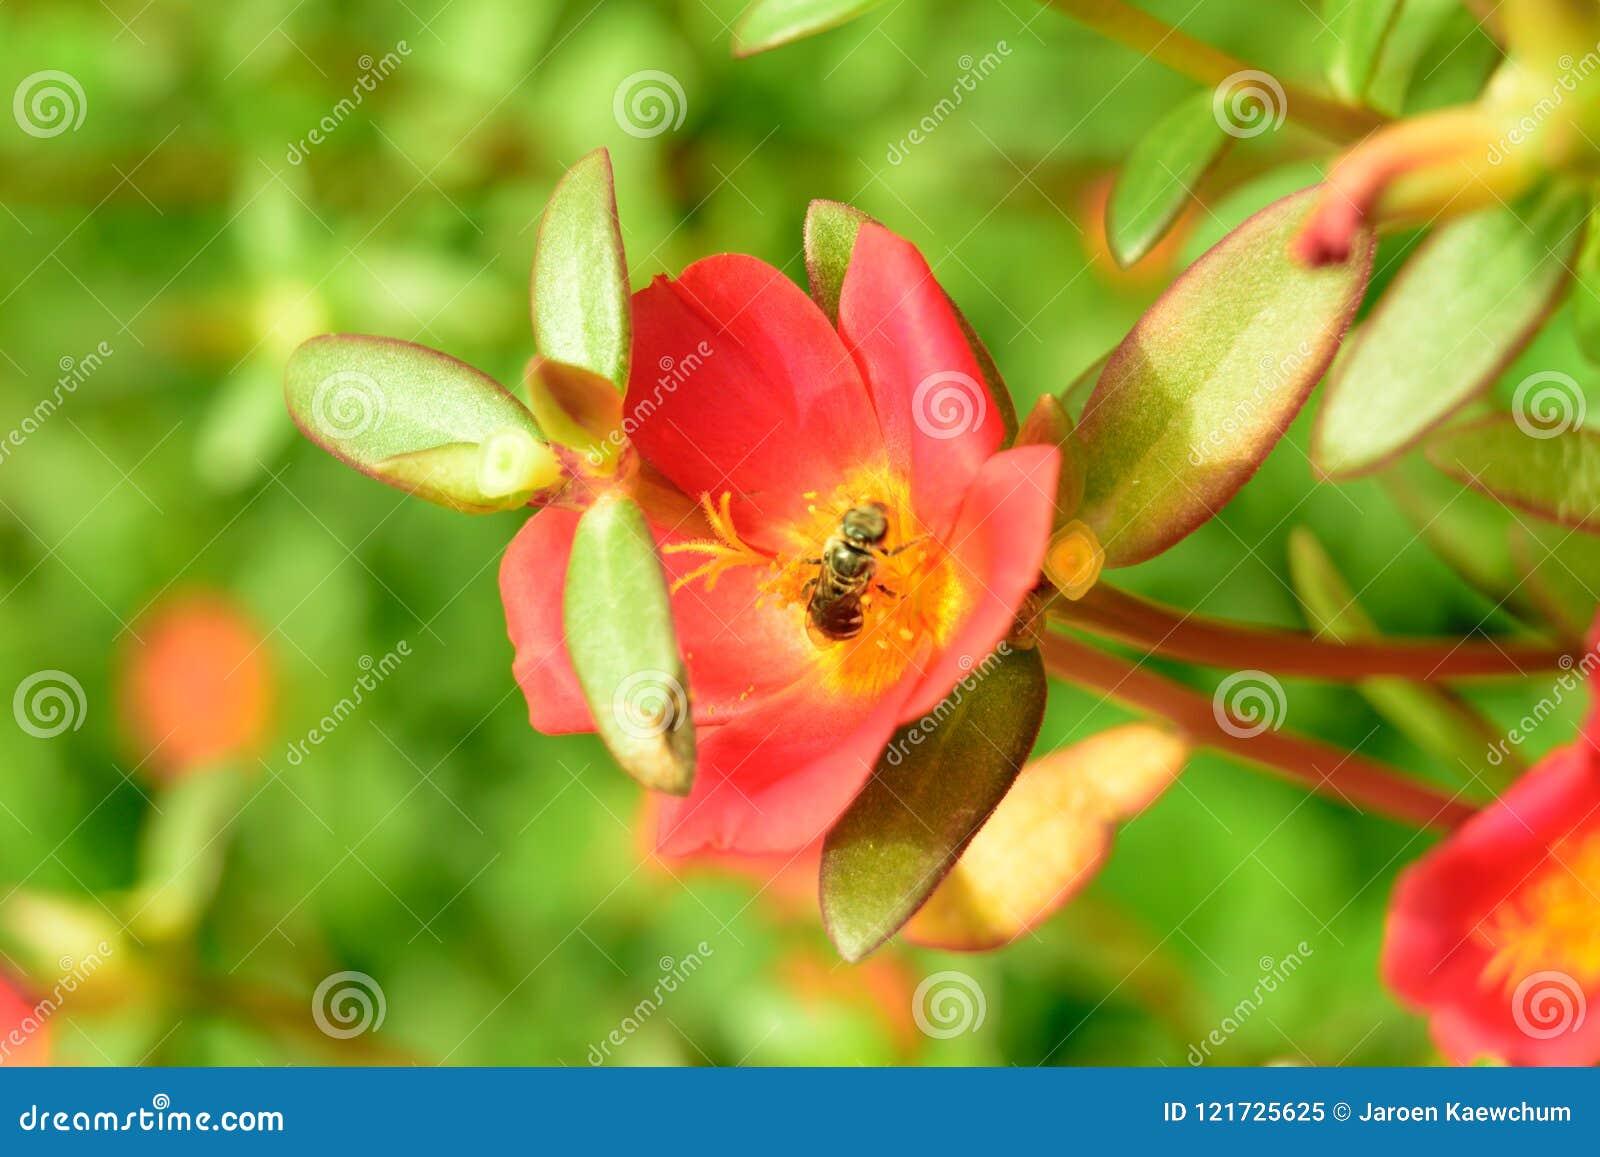 Bij op rode bloem